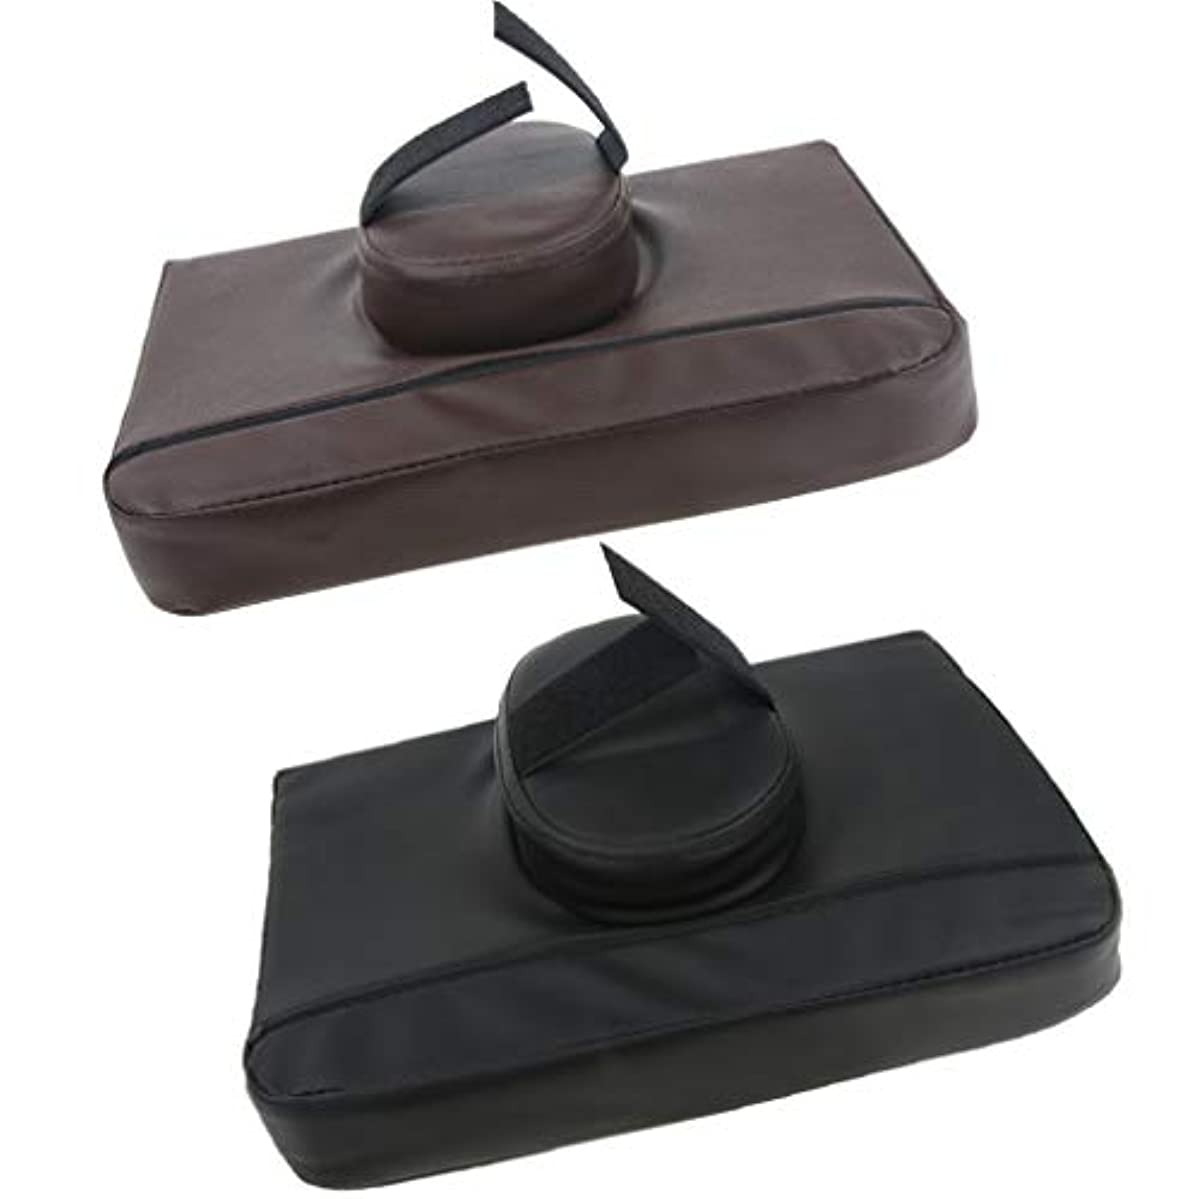 頼るスープ万一に備えてKESOTO 2個 マッサージ枕 マッサージピロー スクエア マッサージテーブル用 通気性 快適 プレゼント